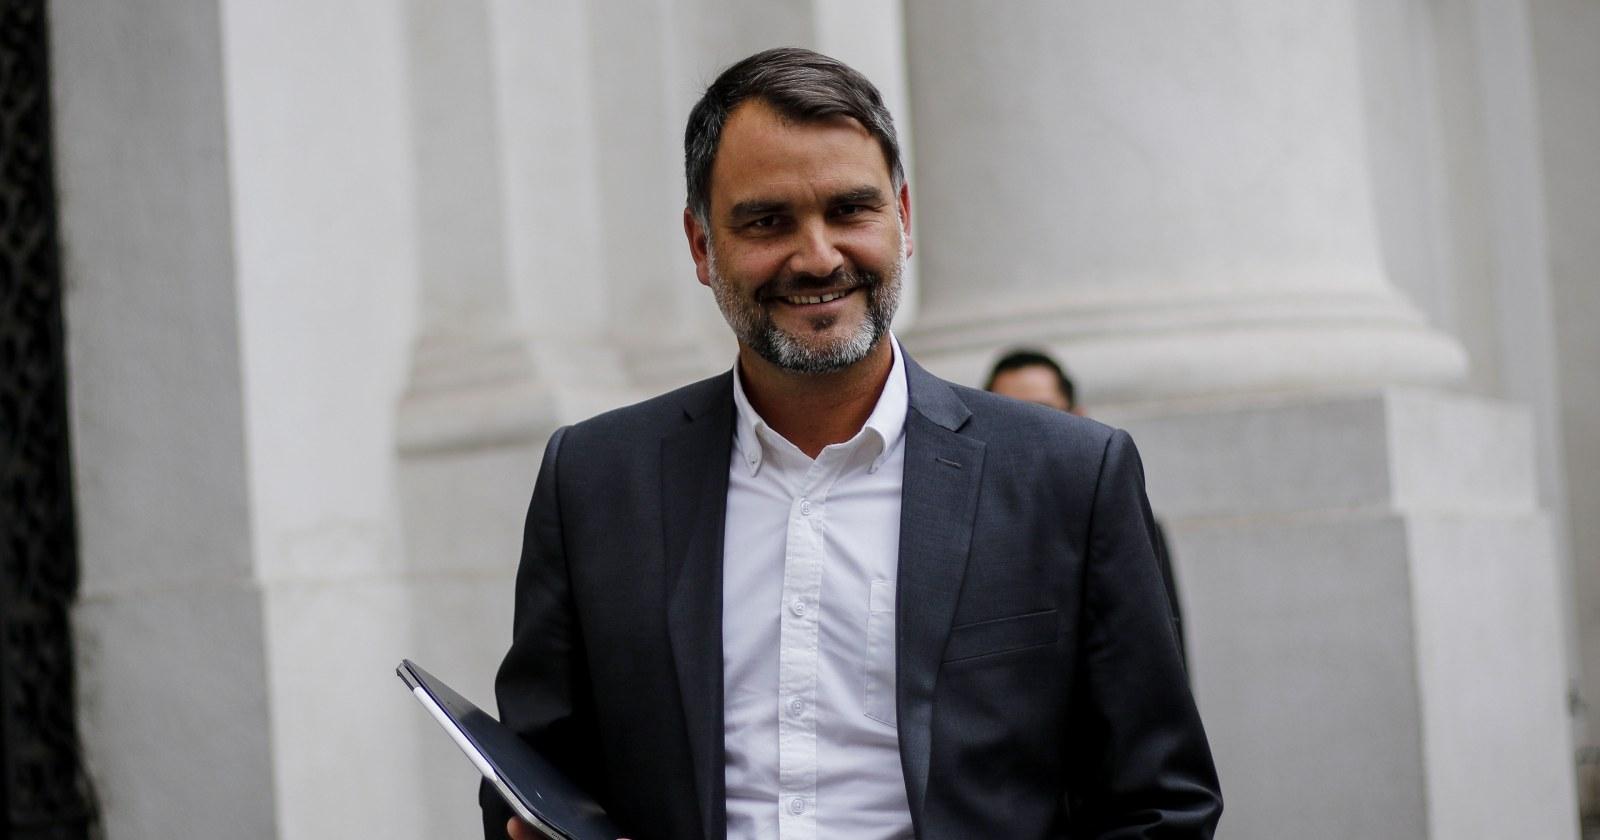 Javier Macaya competirá con Víctor Pérez por la presidencia de la UDI